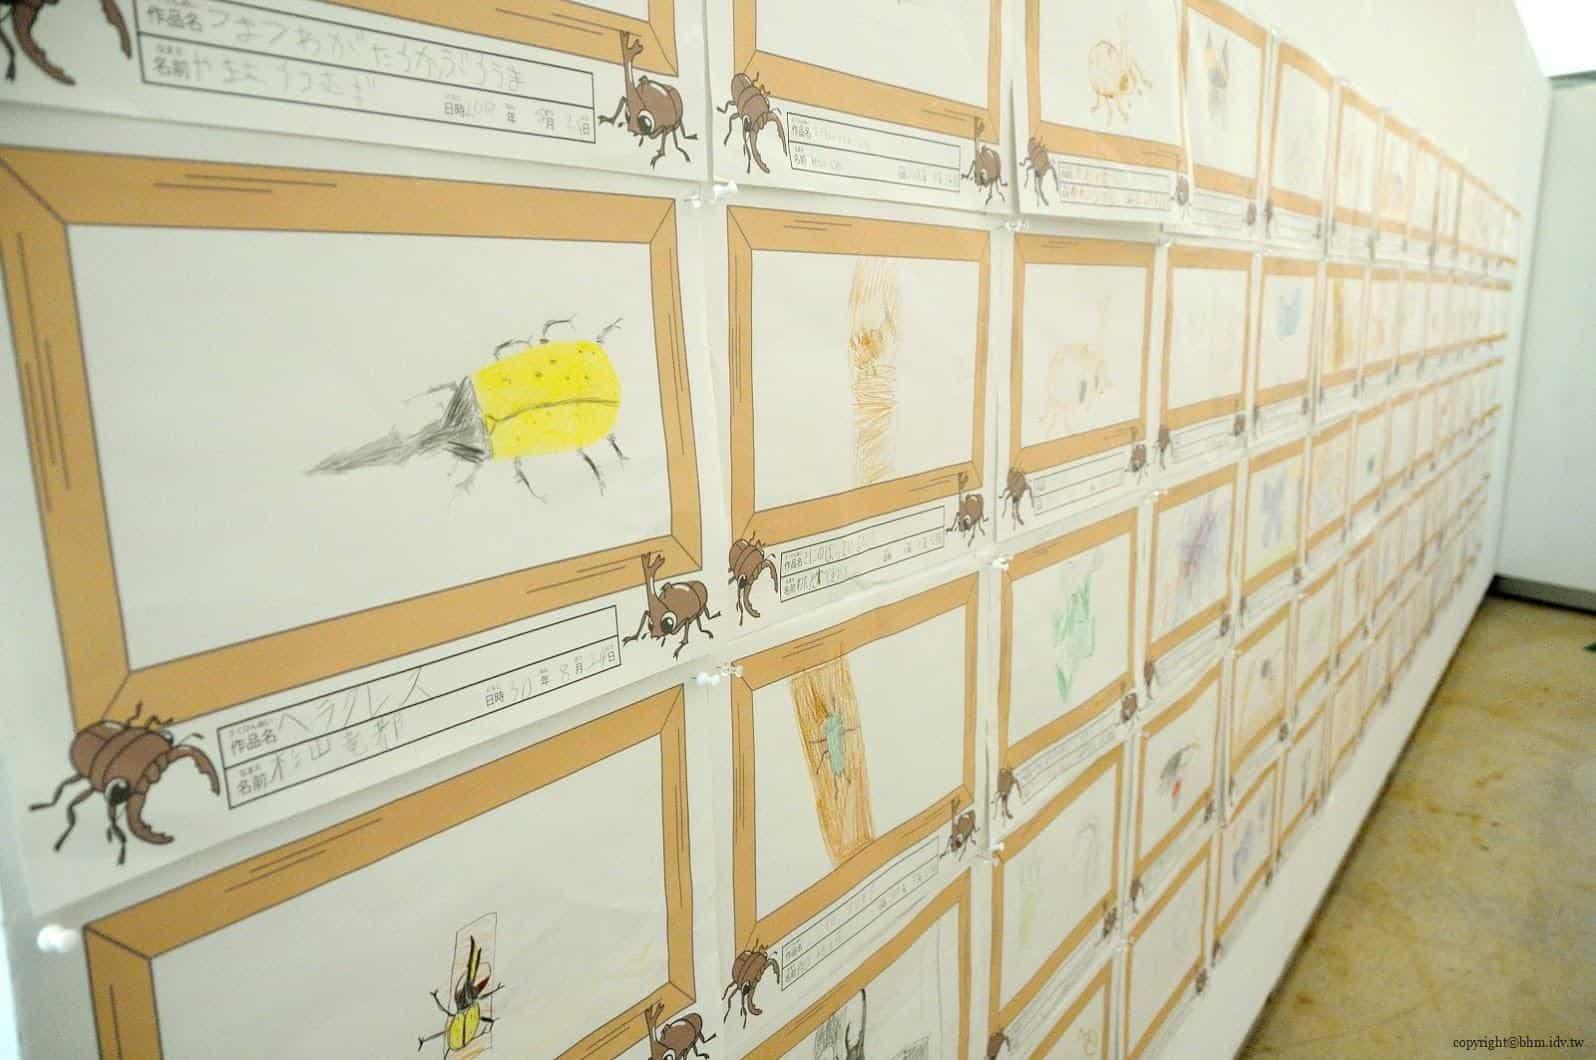 手塚貴晴+手塚由比,十日町市立里山科學館「森林學校」,介紹松之山區域自然與文化的自然科學館,小朋友的昆蟲觀察手繪作品 十日町市立里山科學館 十日町市立里山科學館/森林學校 echigo matsunoyama museum of natural science 06